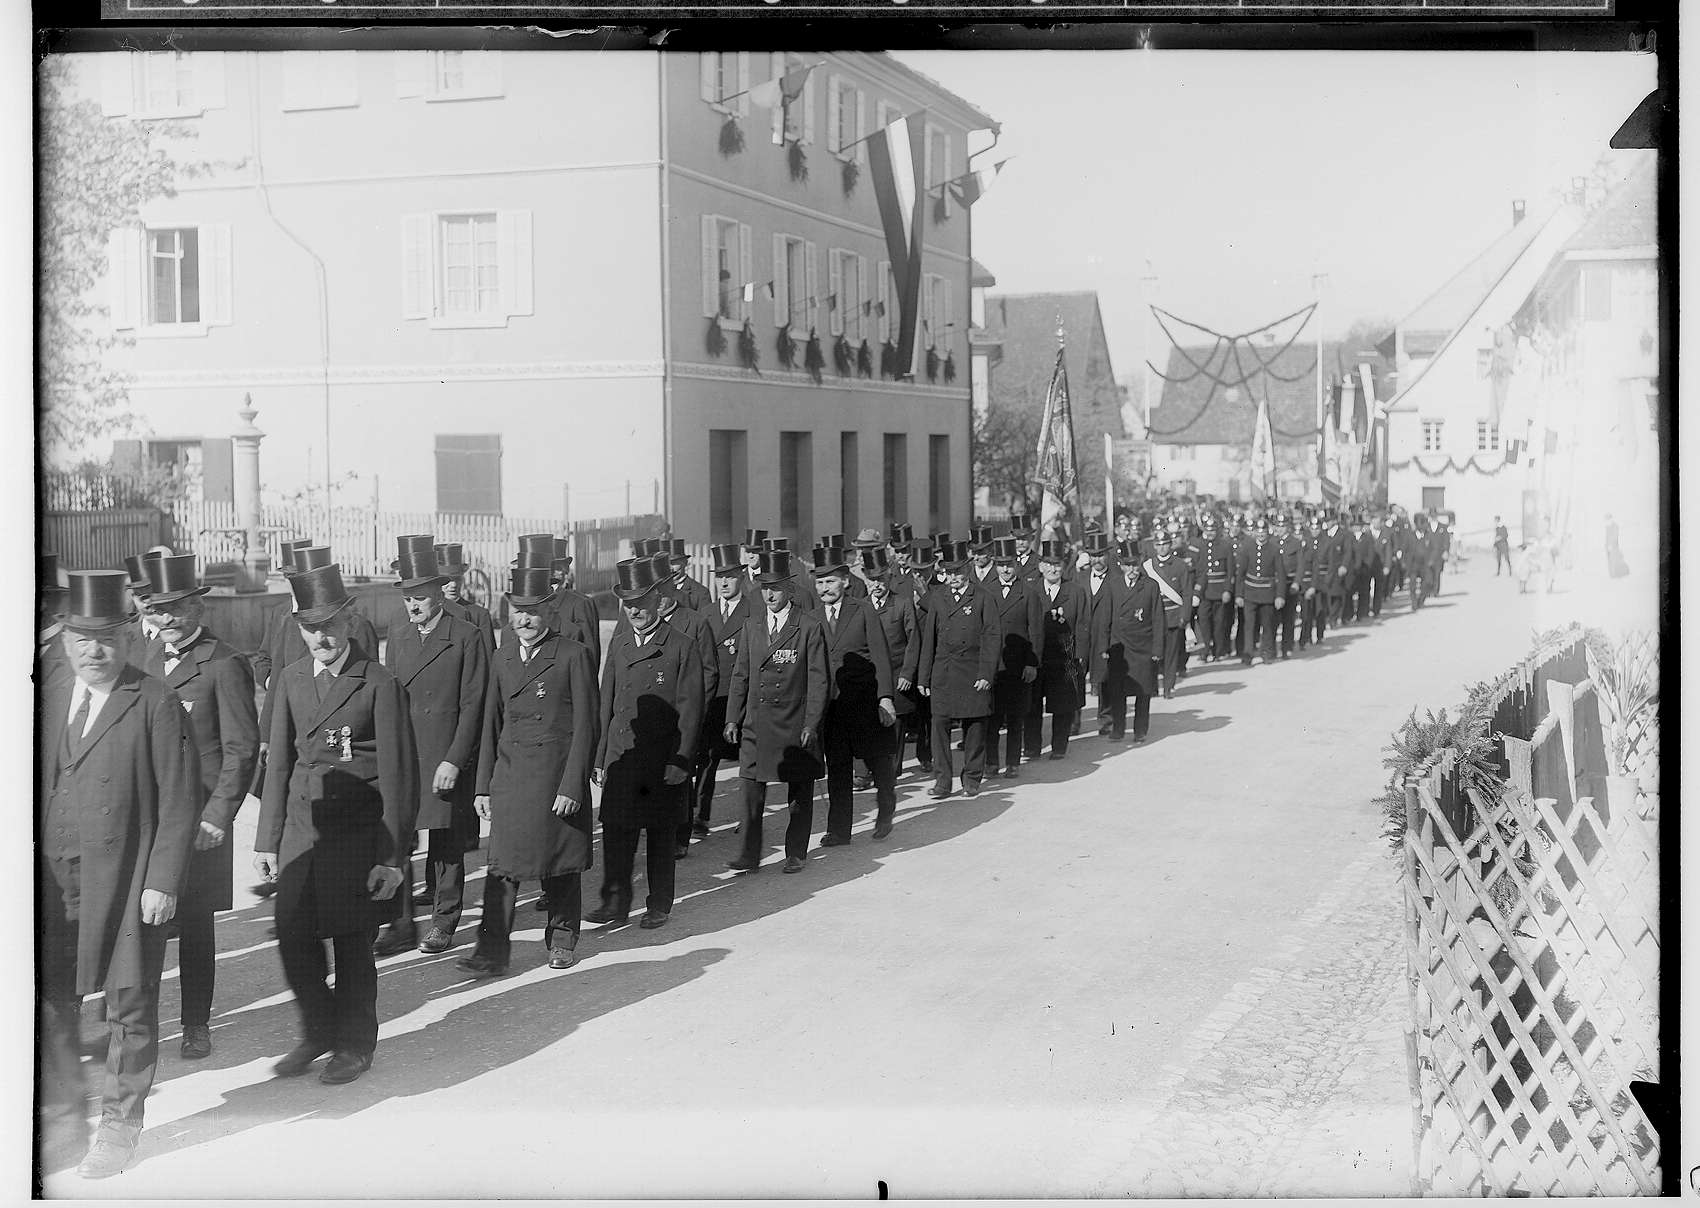 Primizfeier Burth, Krauchenwies; Prozession, im Mittelpunkt ordensdekorierte Männer mit Zylinder, Bild 1